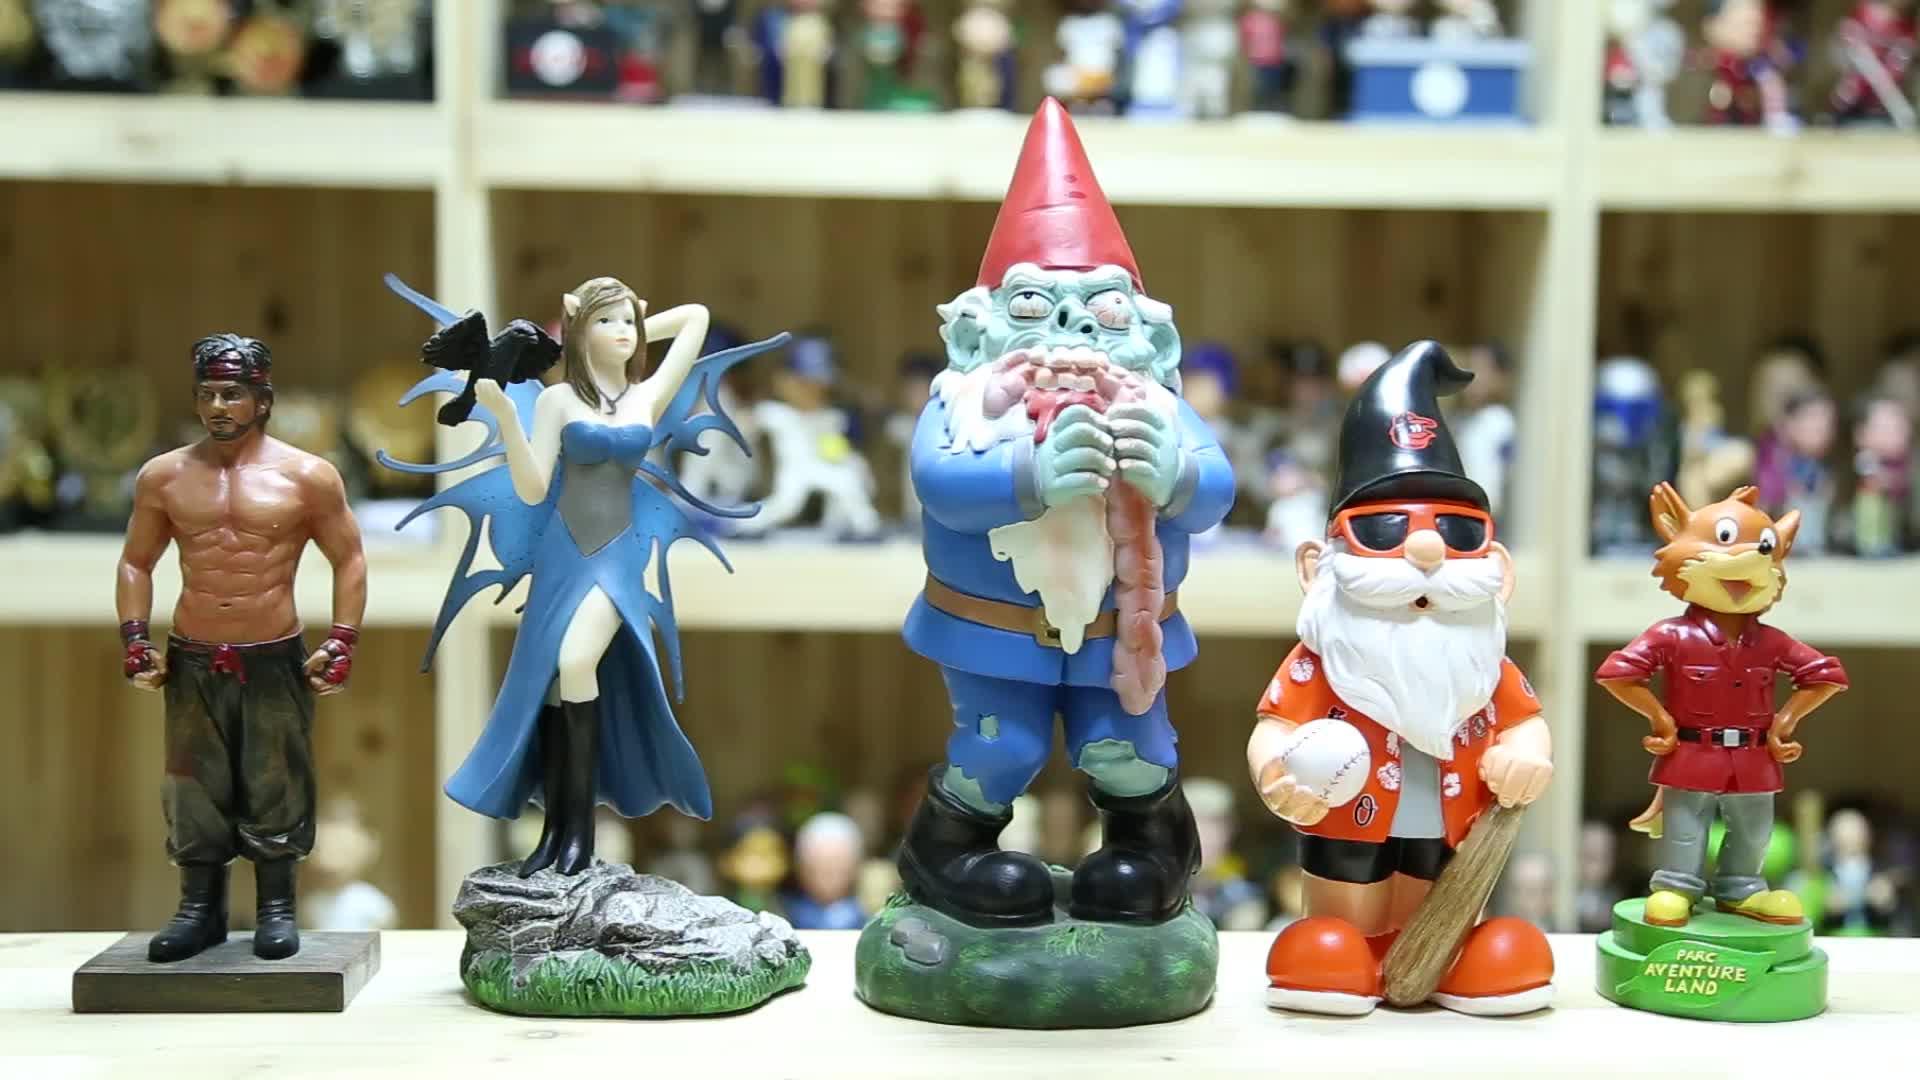 Naughty Dansen Gnome